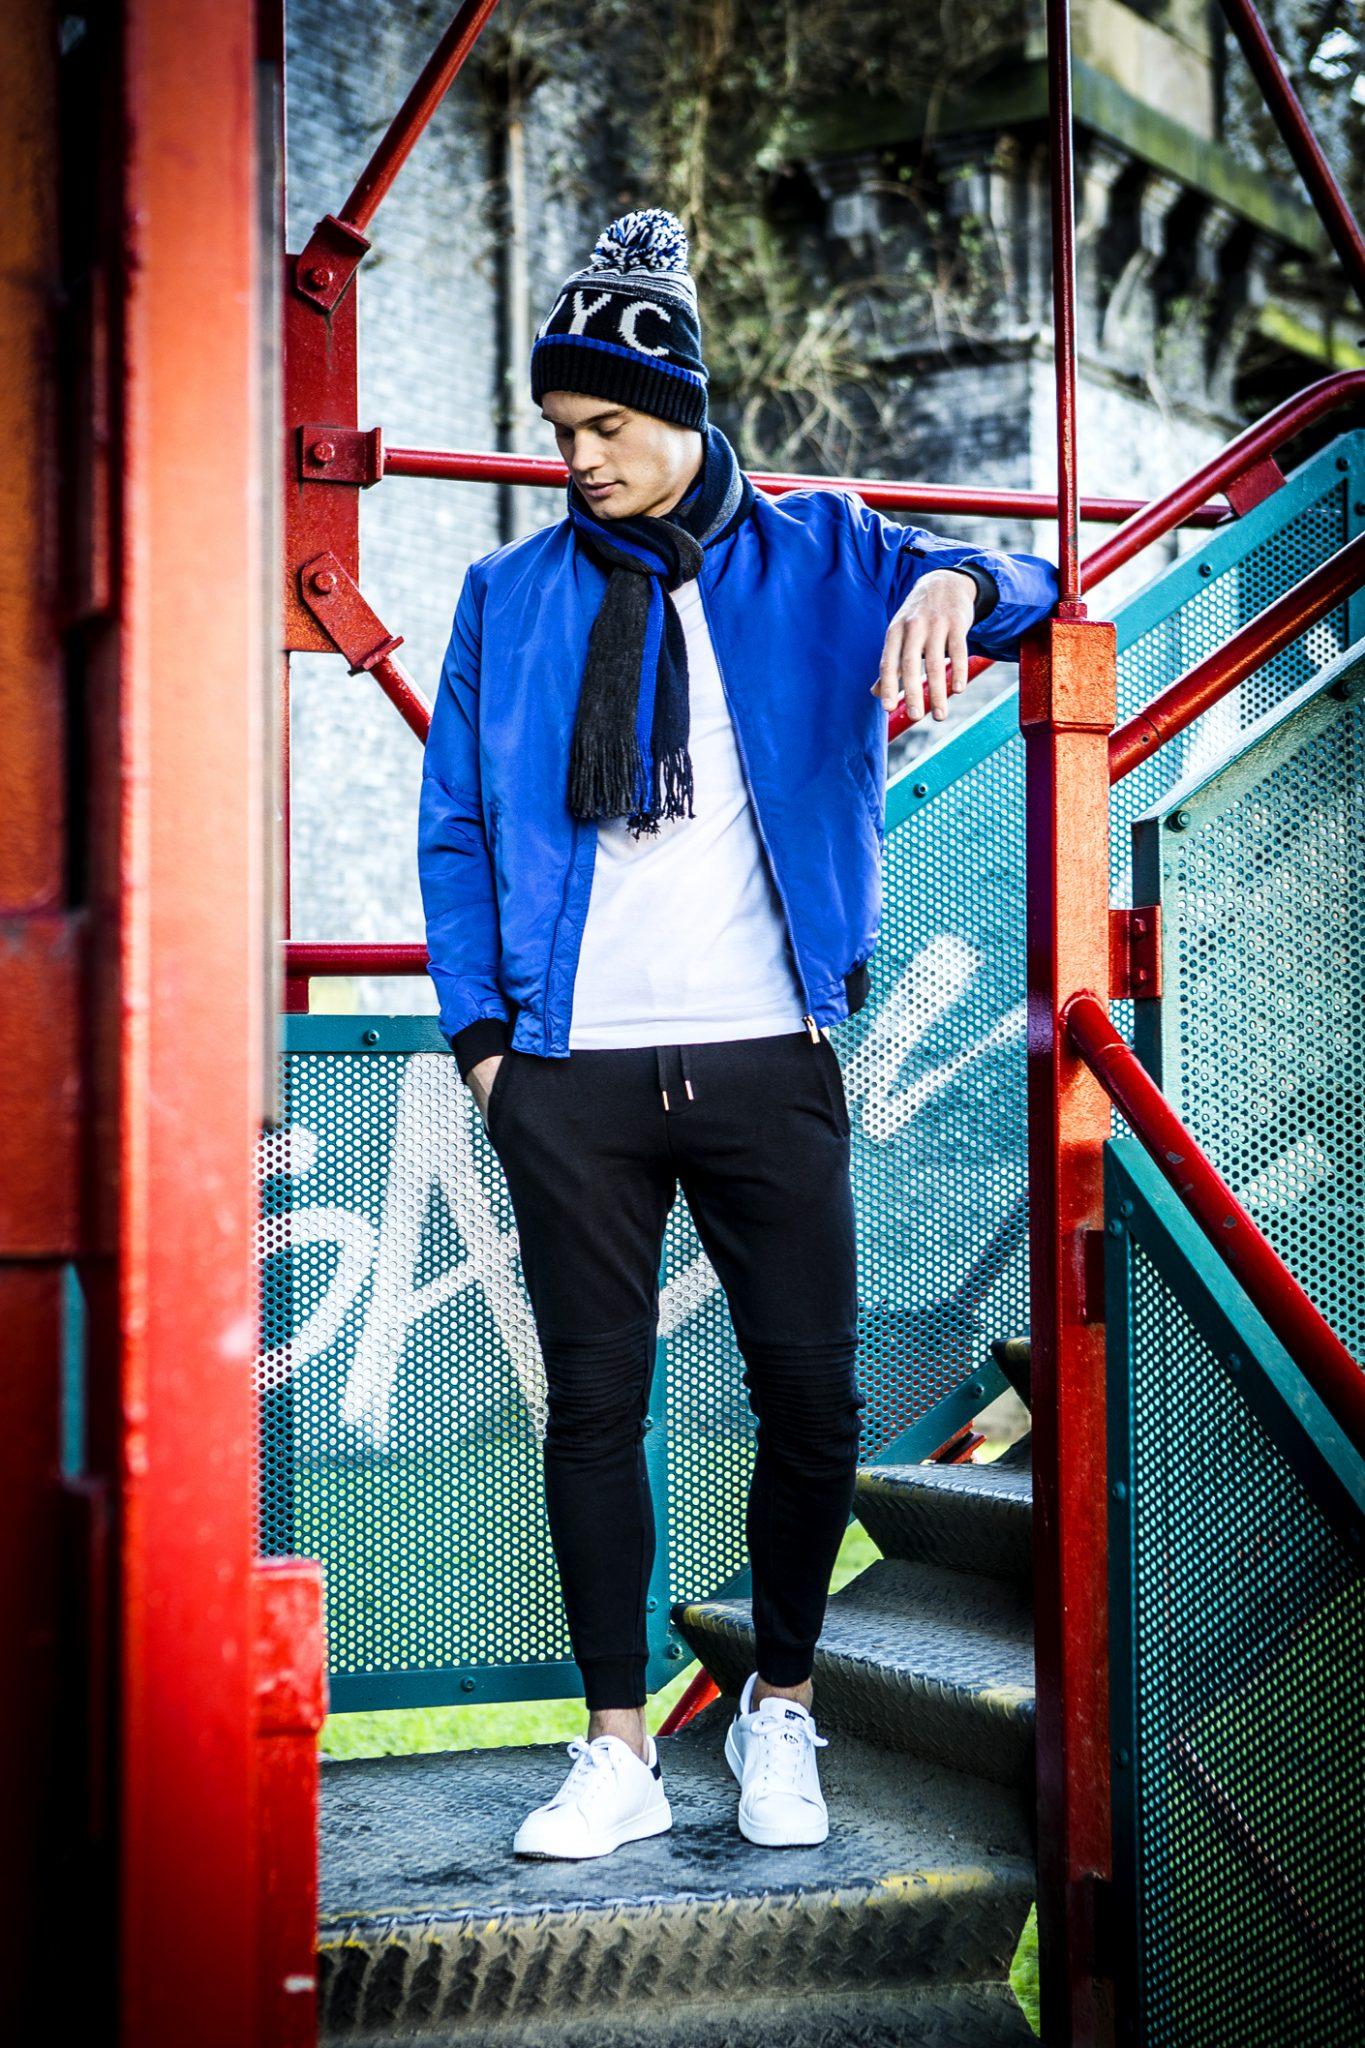 urban-fashion-photography-manchester